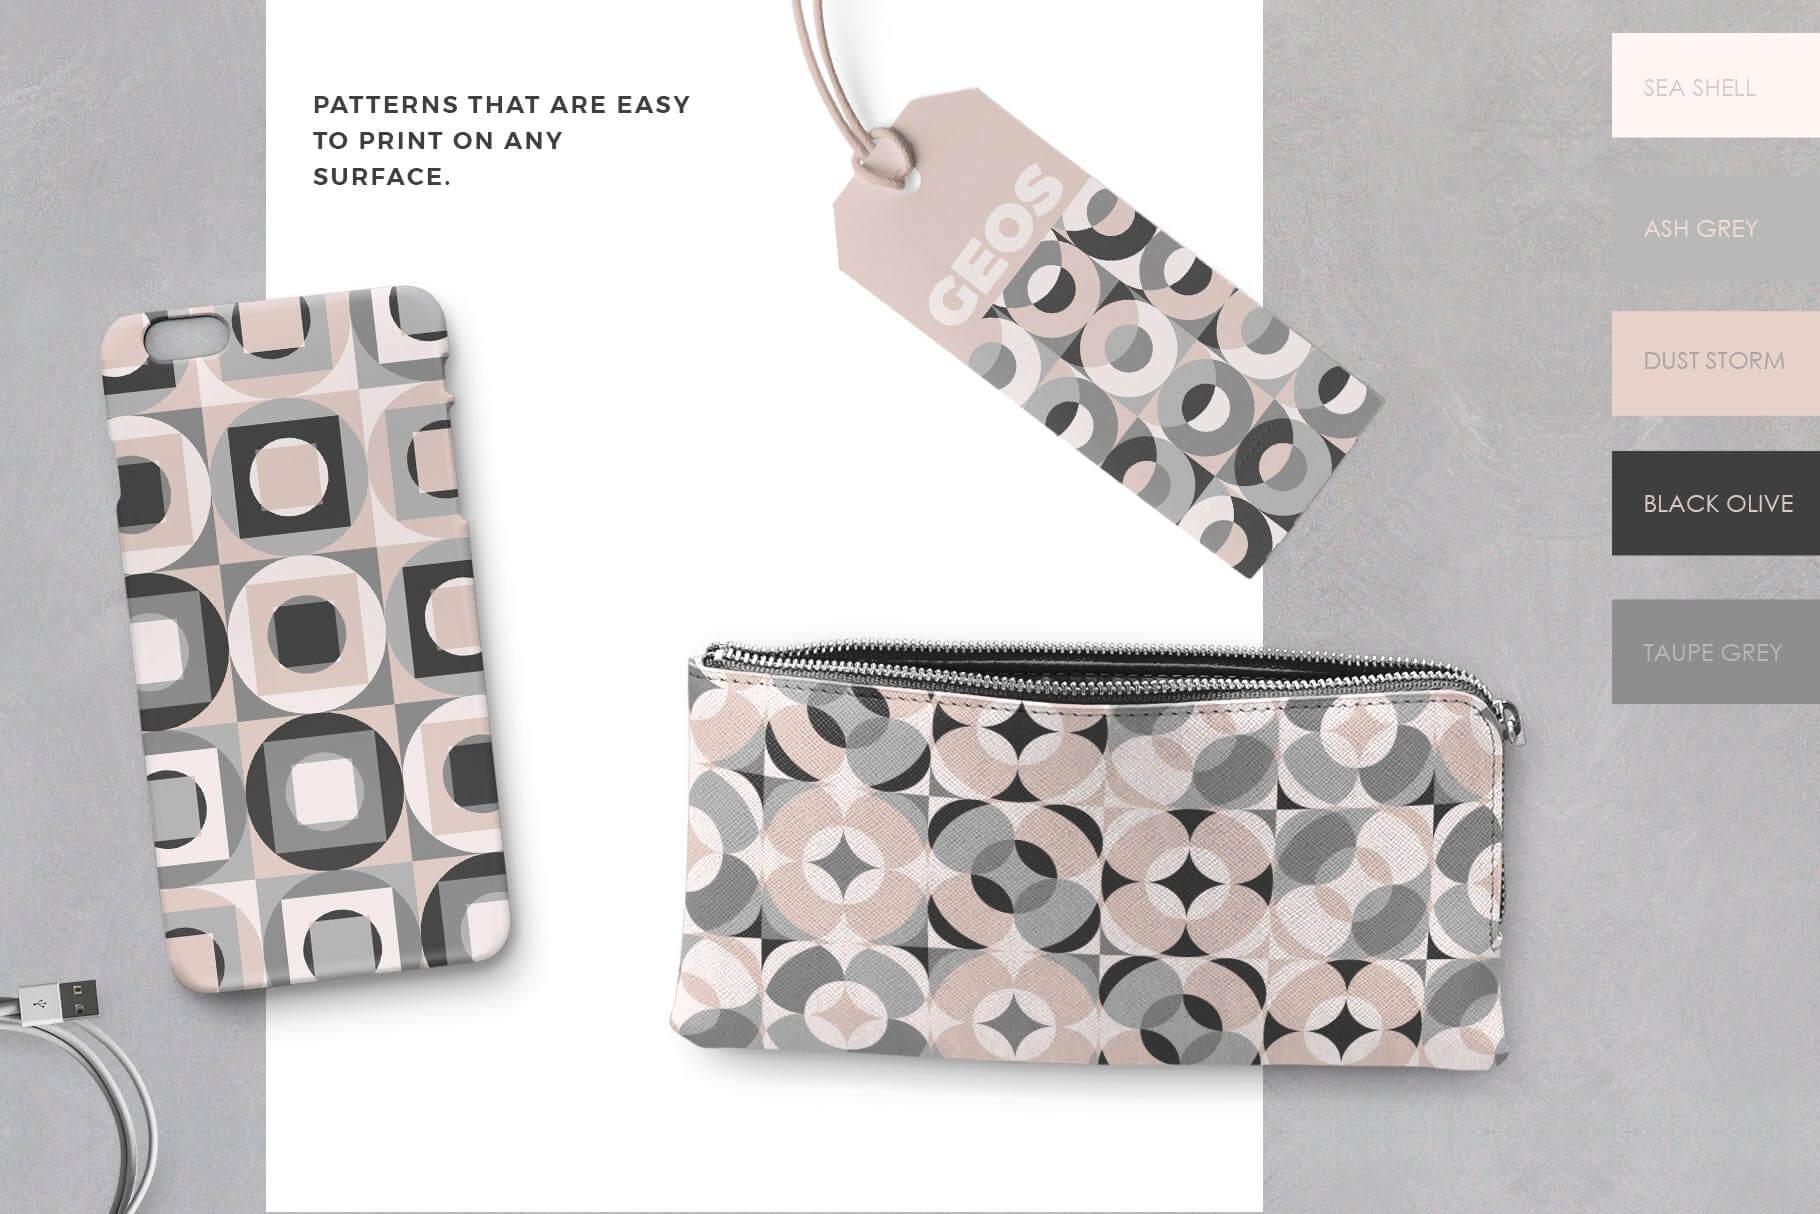 布艺面料装饰纹理图案花纹品牌辅助图形Geometric Play Patterns Tiles插图(4)